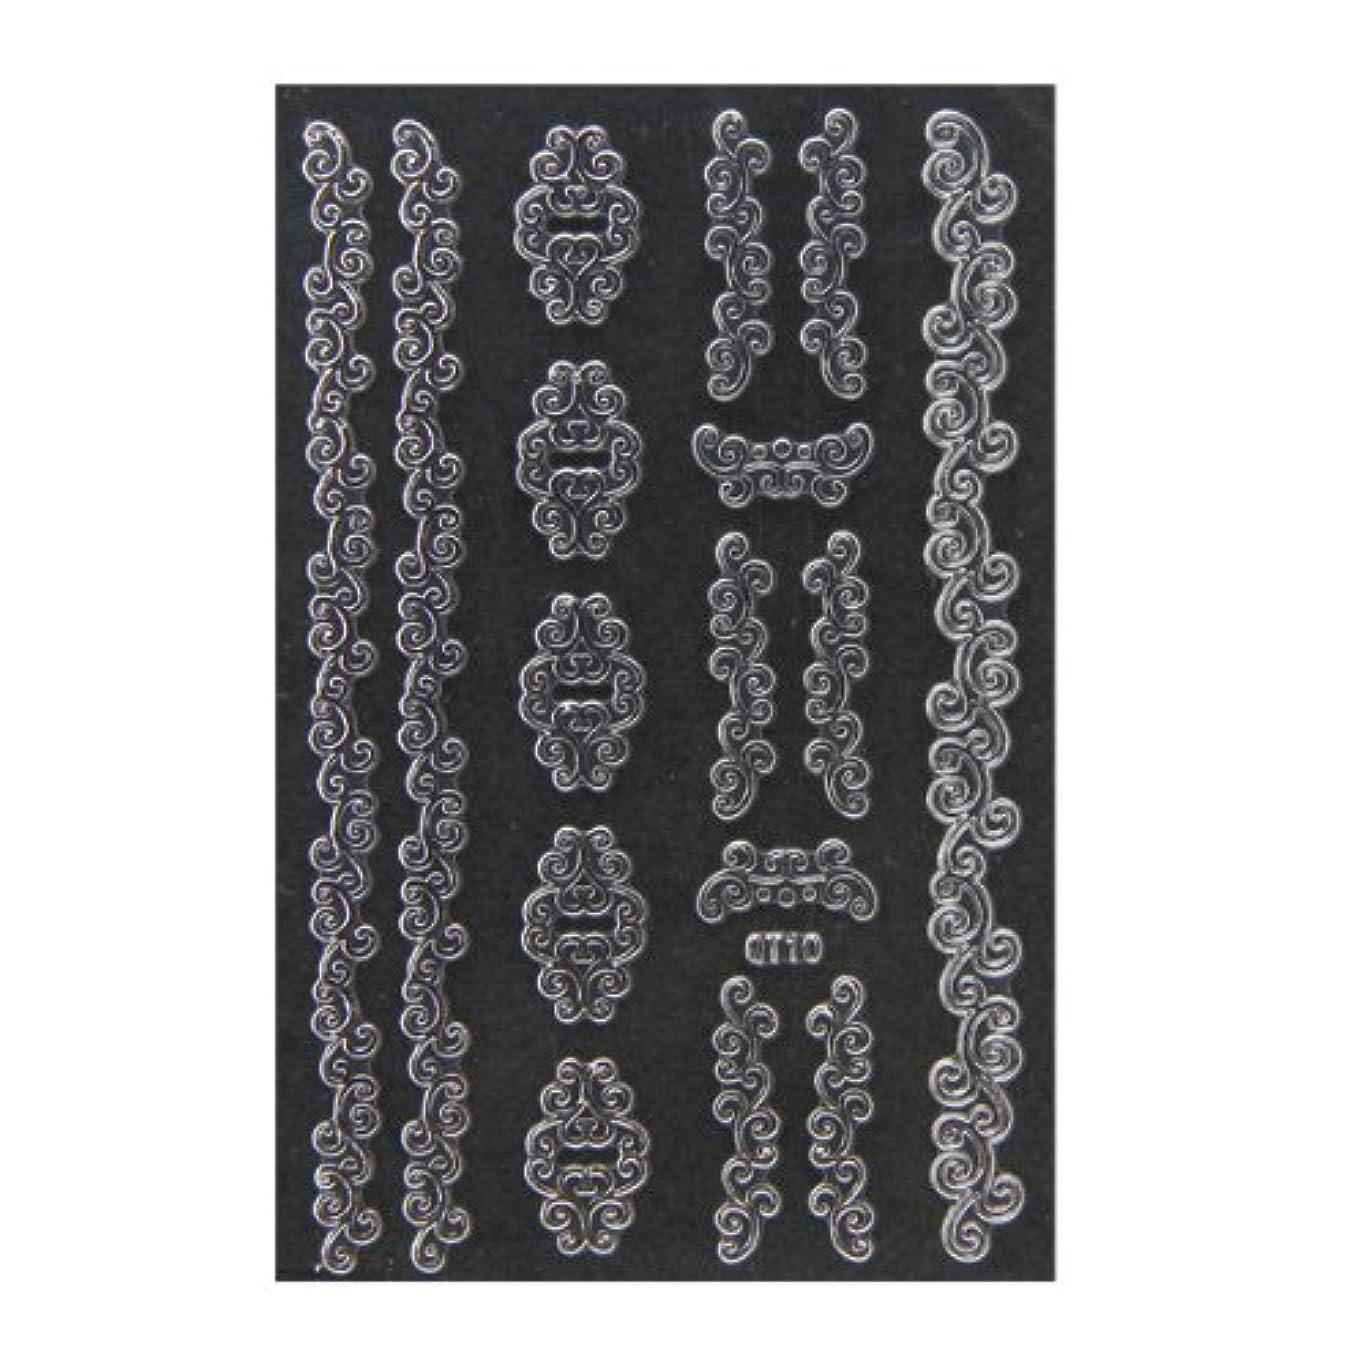 クラック違反等しいネイルシール 3D ネイルシート ファッションネイル メタリックシール36 (ネイル用品)